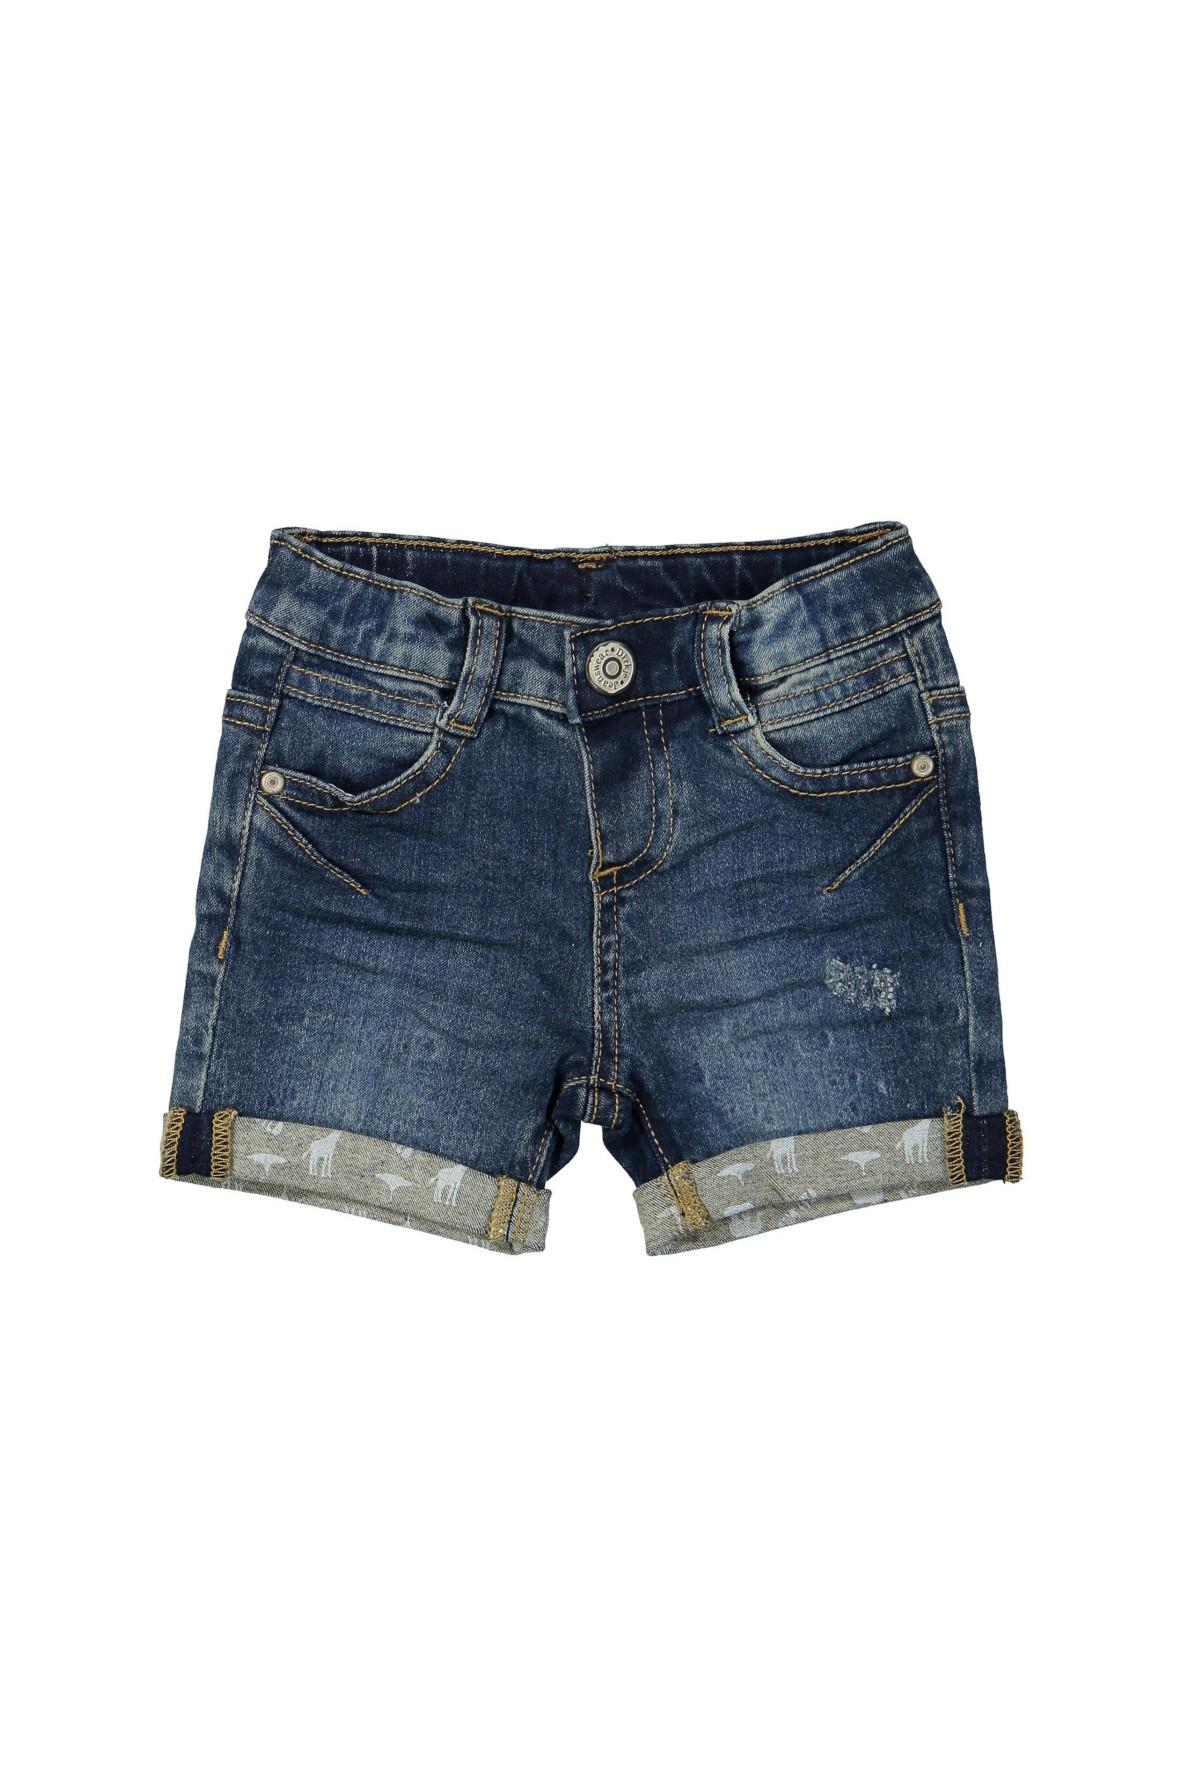 Spodenki jeansowe dla chlopca- niebieskie